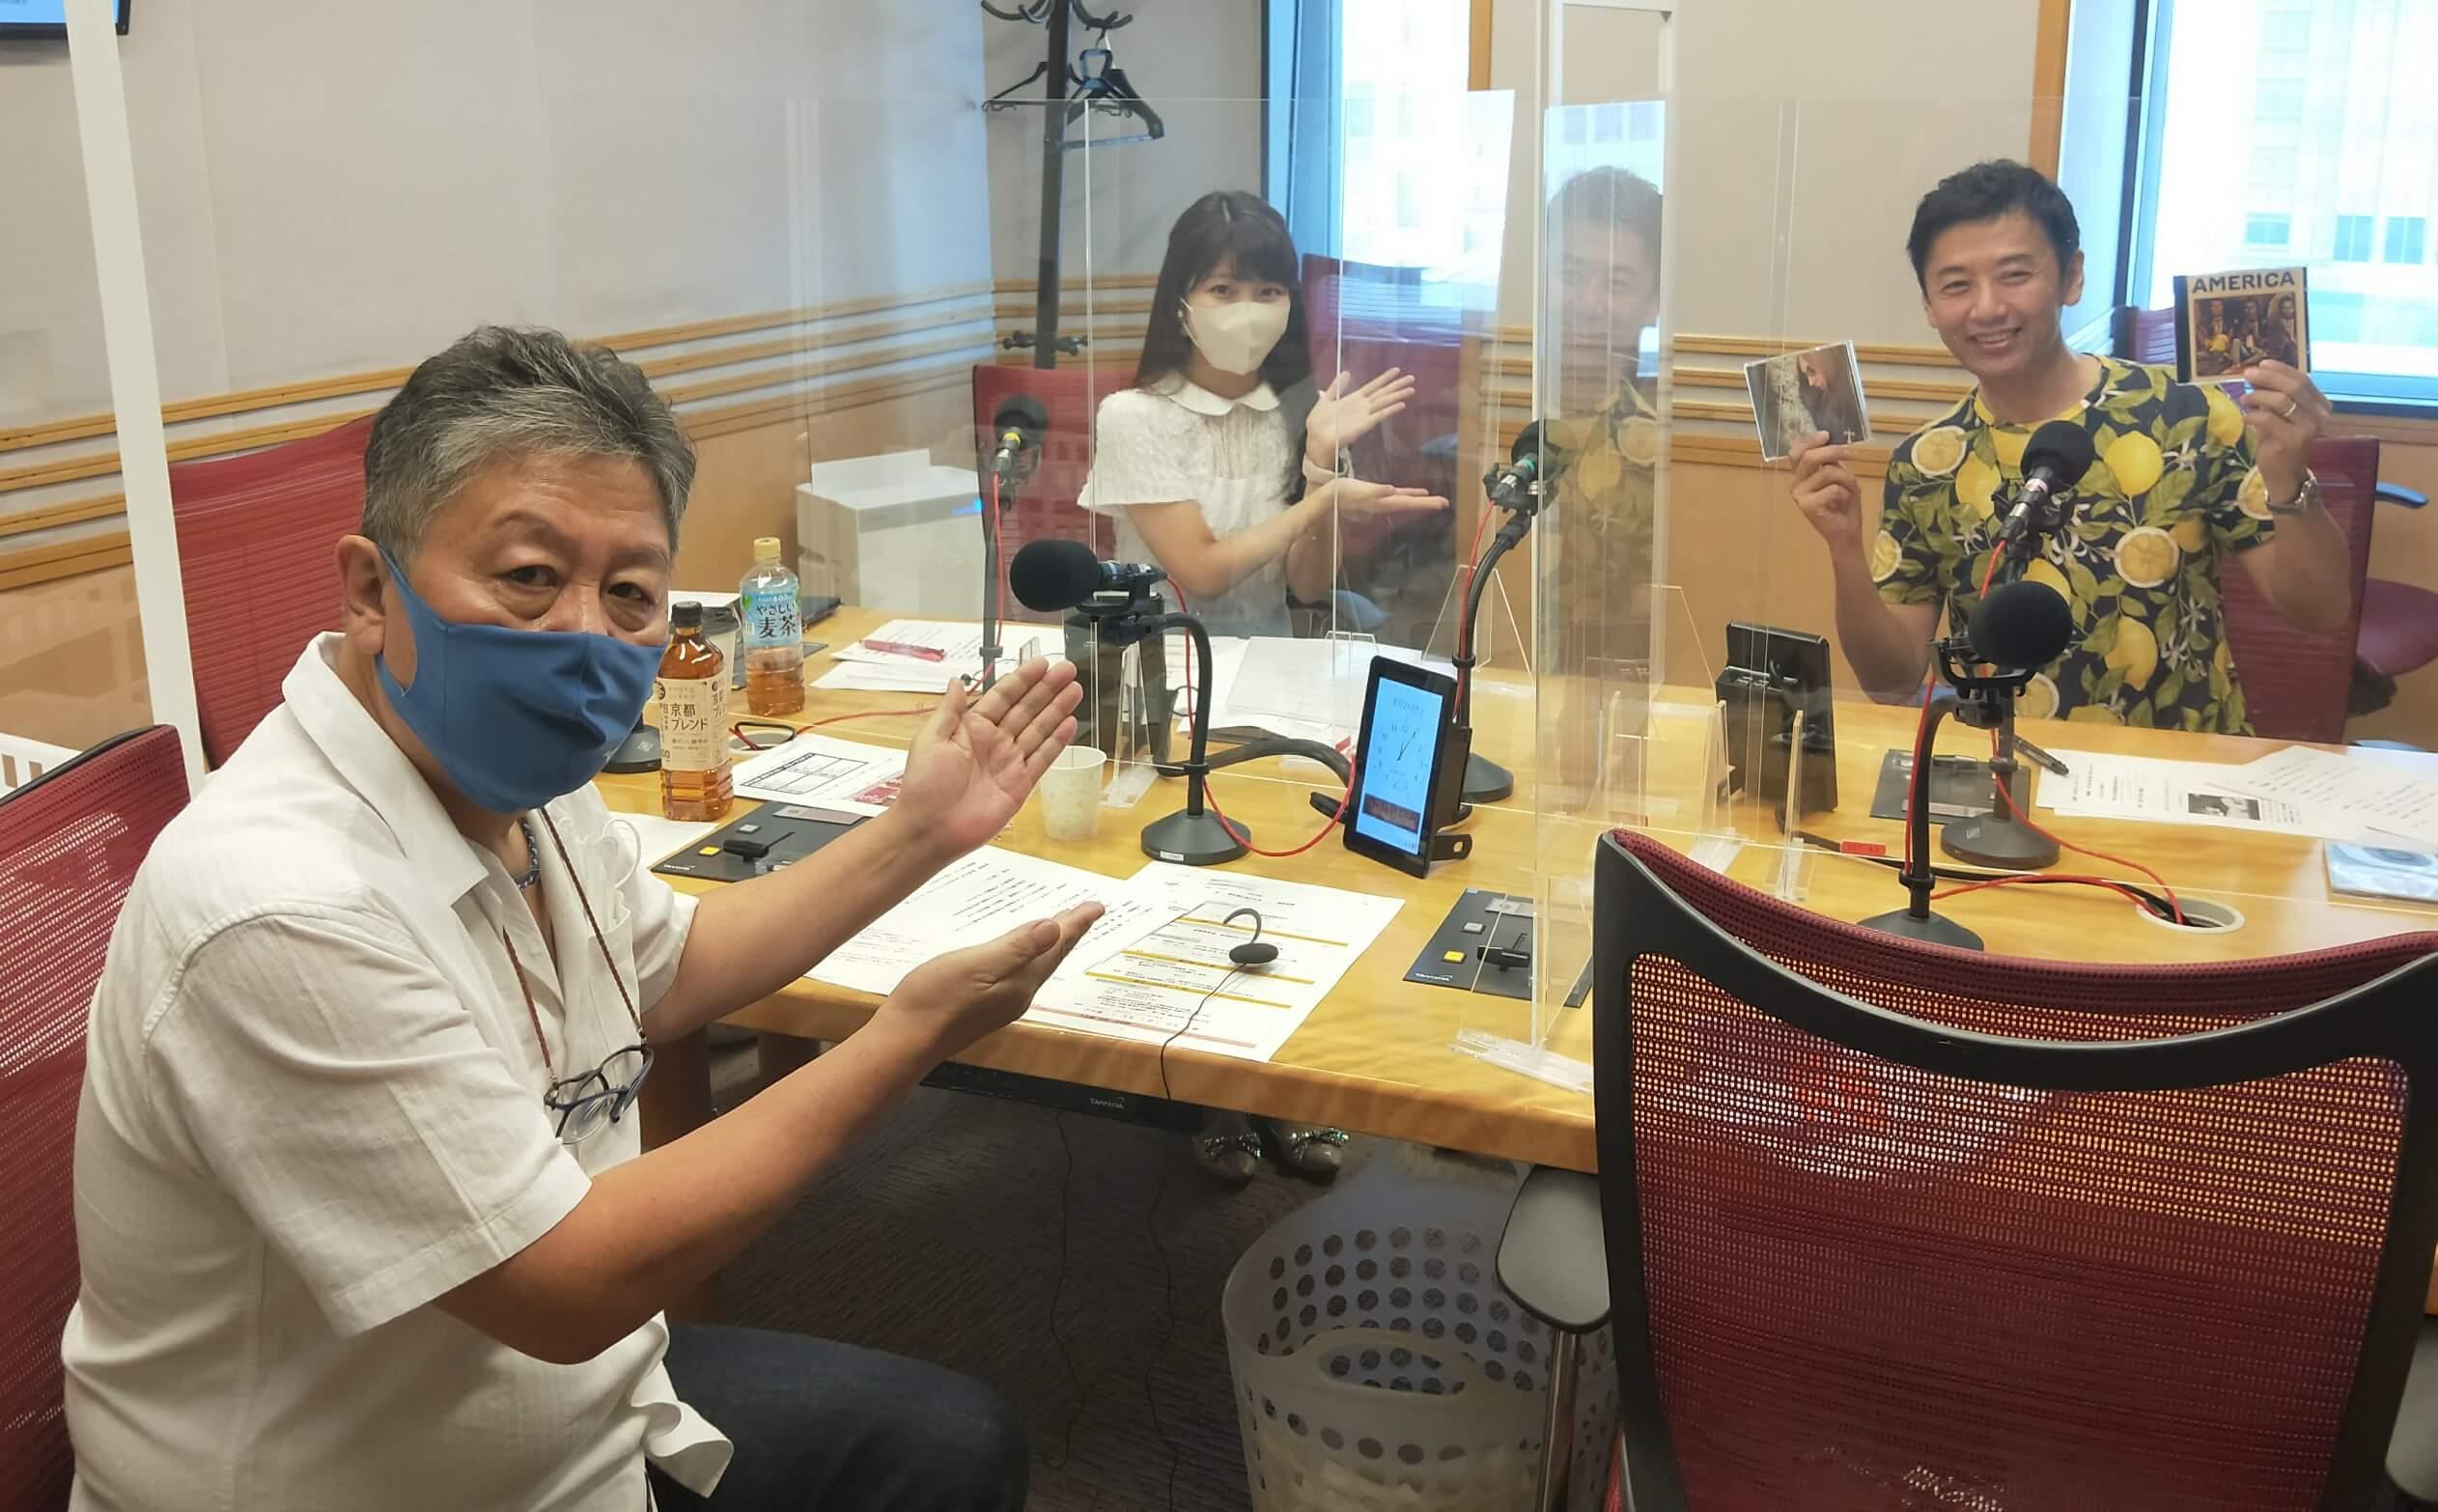 洋楽ジャパンX 7月21日 大浦龍宇一 第11弾     夏の午後、水をまいてる